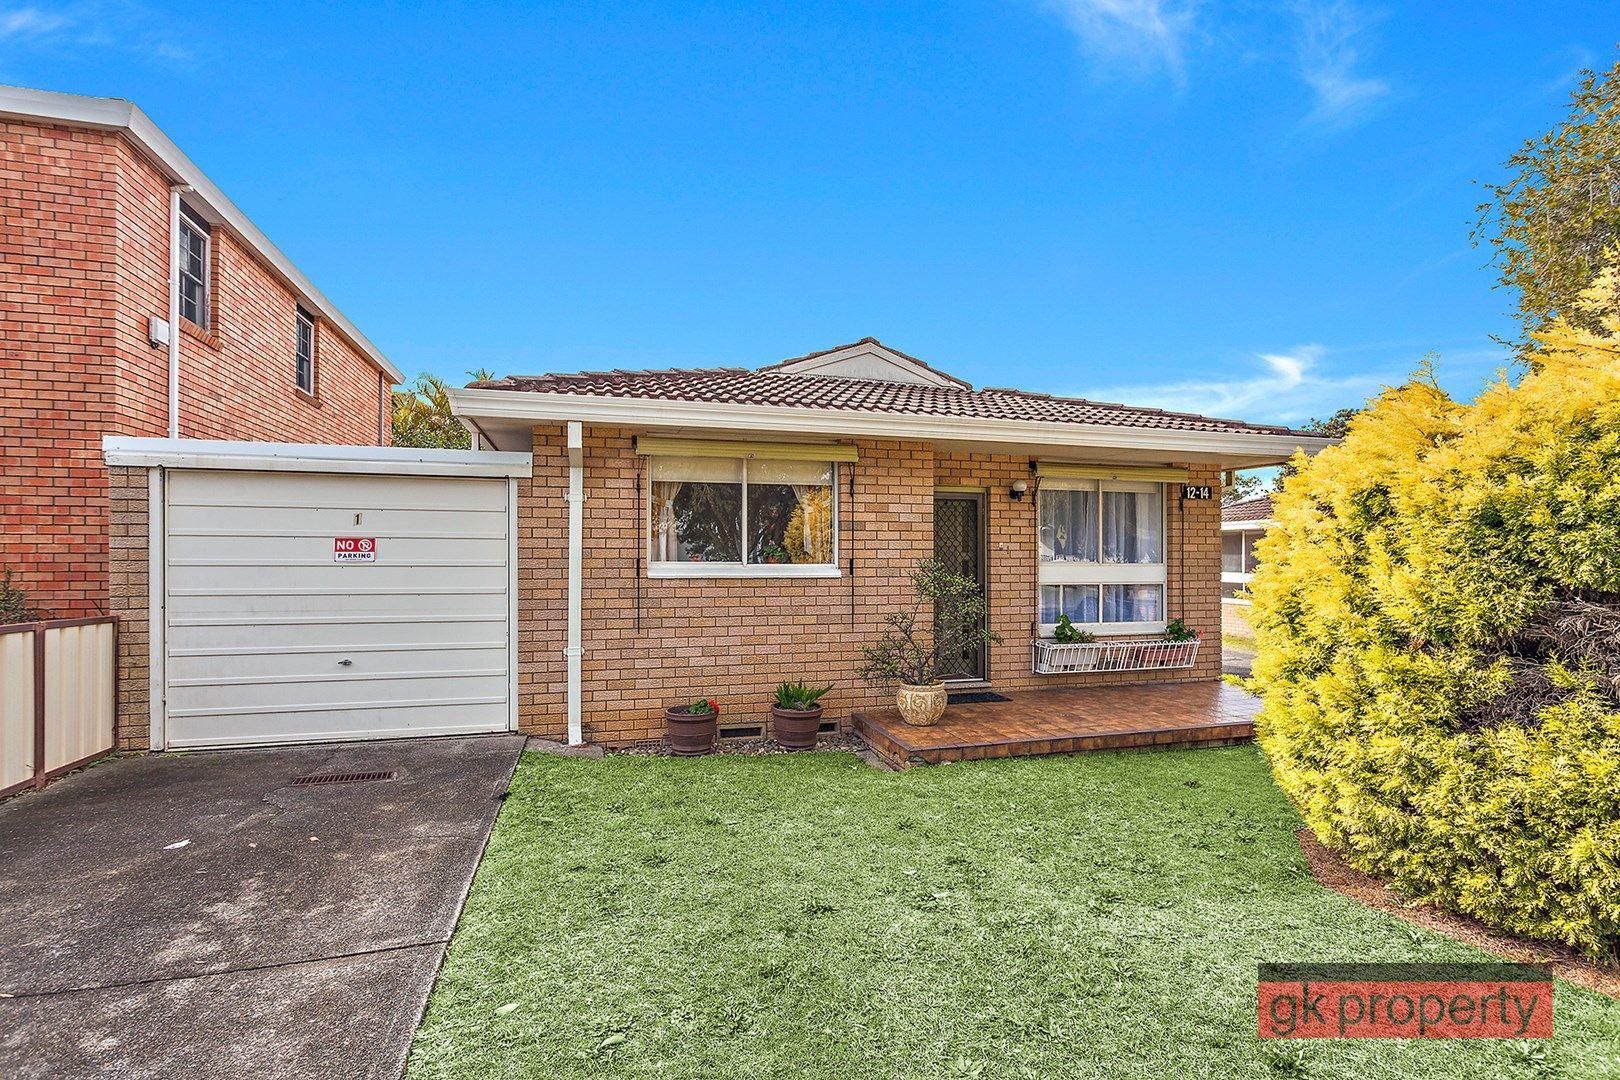 1/12-14 Waratah Street, Bexley NSW 2207, Image 0